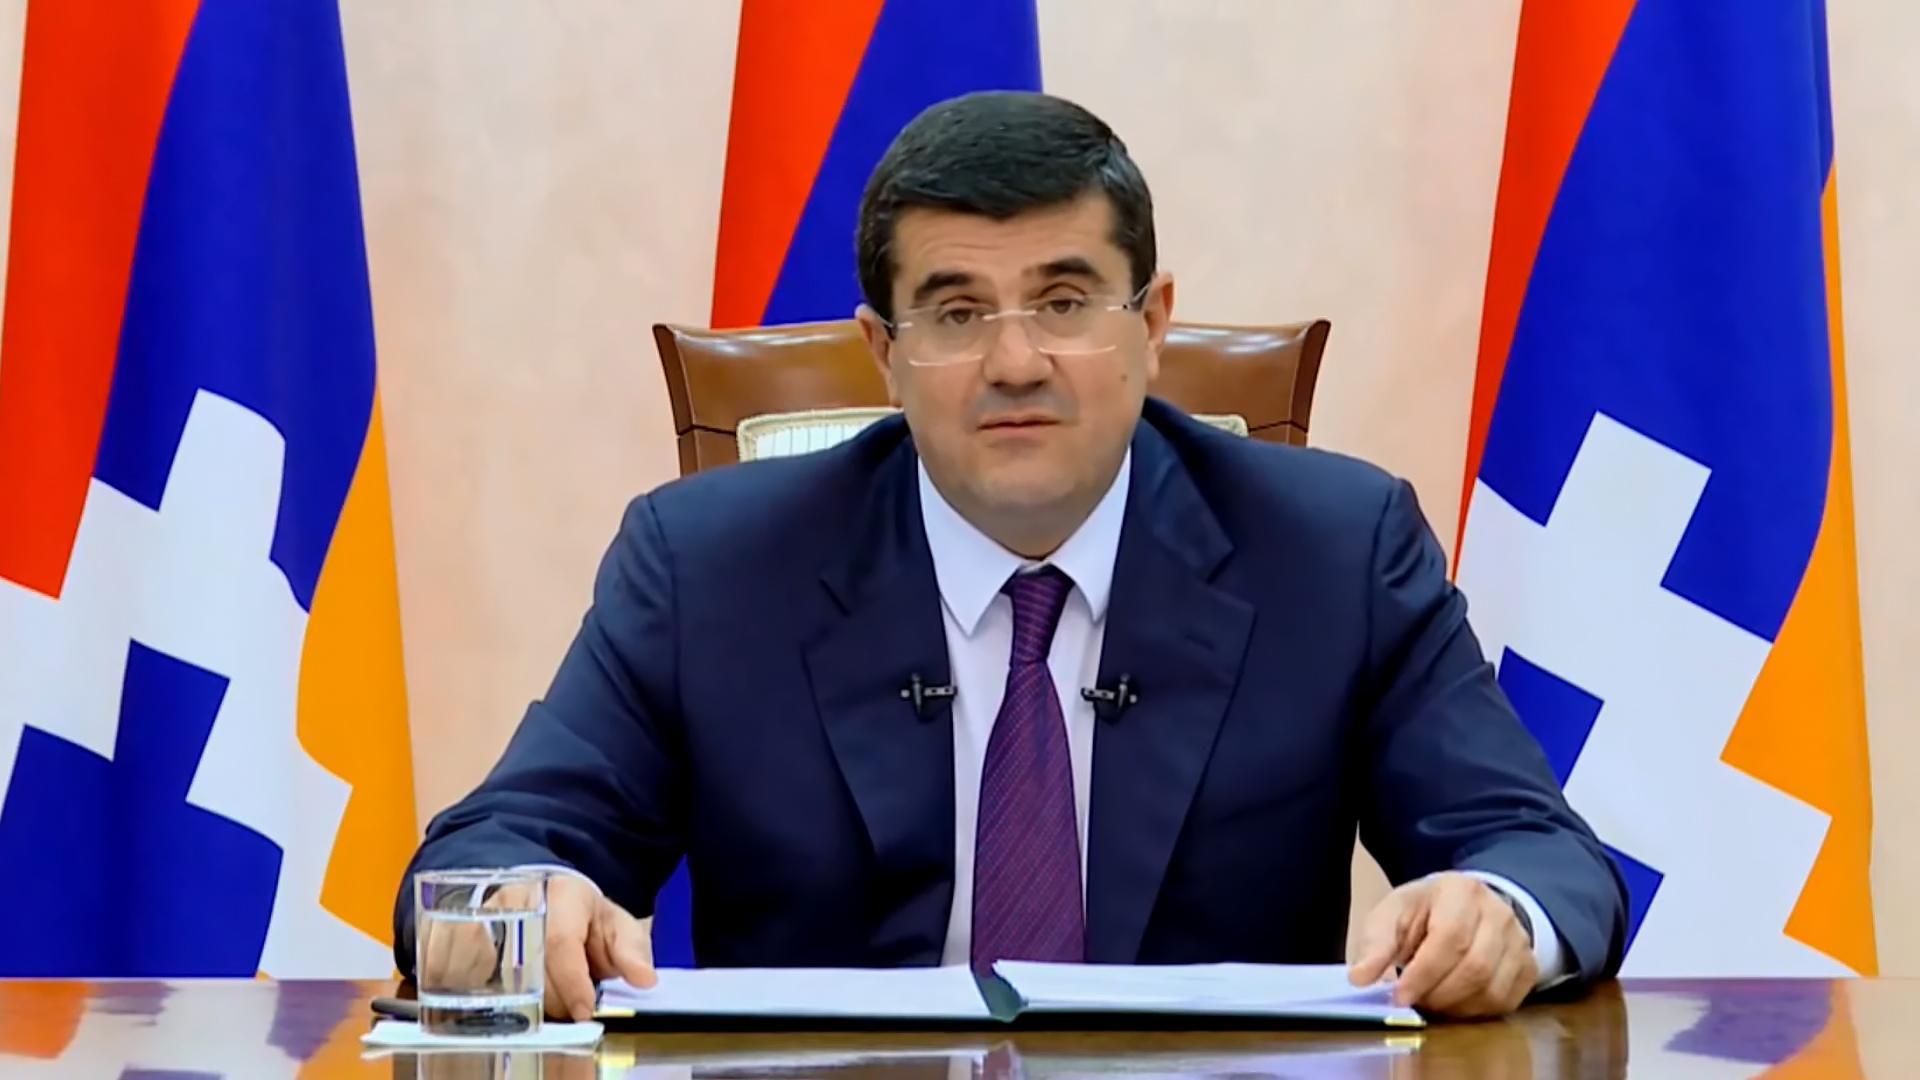 Арутюнян призвал Азербайджан покинуть населенные пункты НКР во избежание жертв среди мирного населения